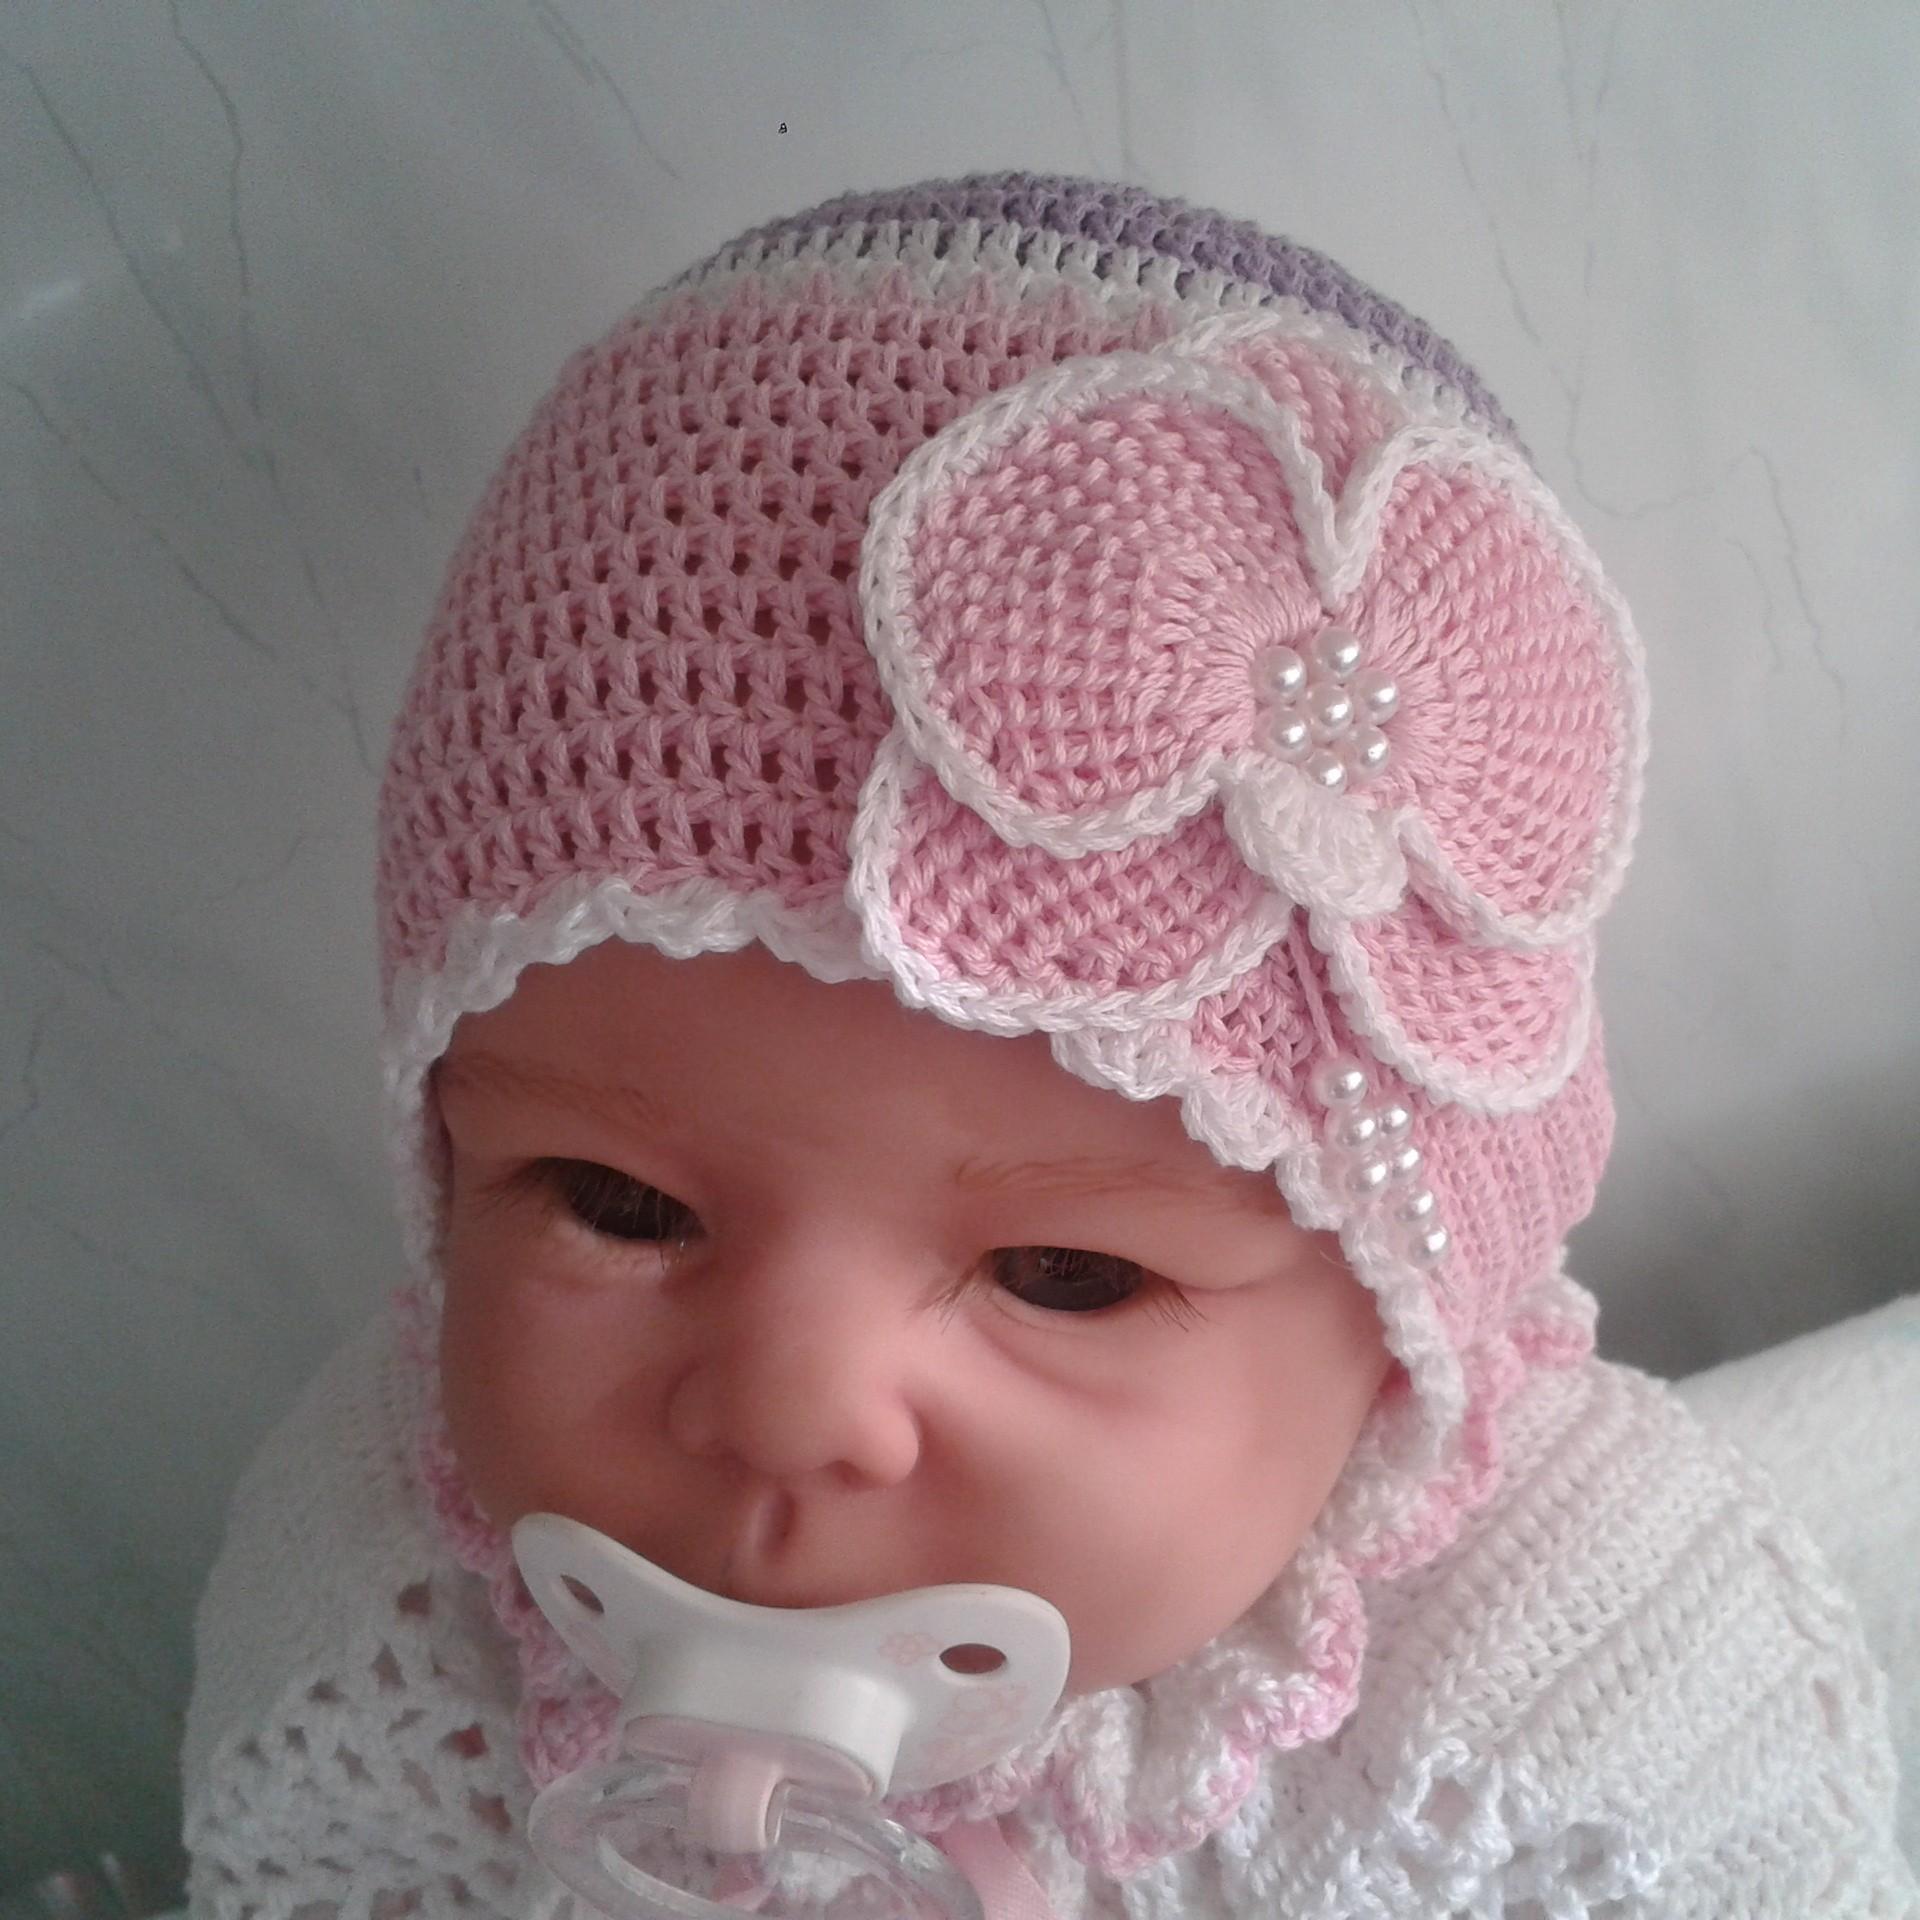 Вязание крючком для новорожденного шапка 23